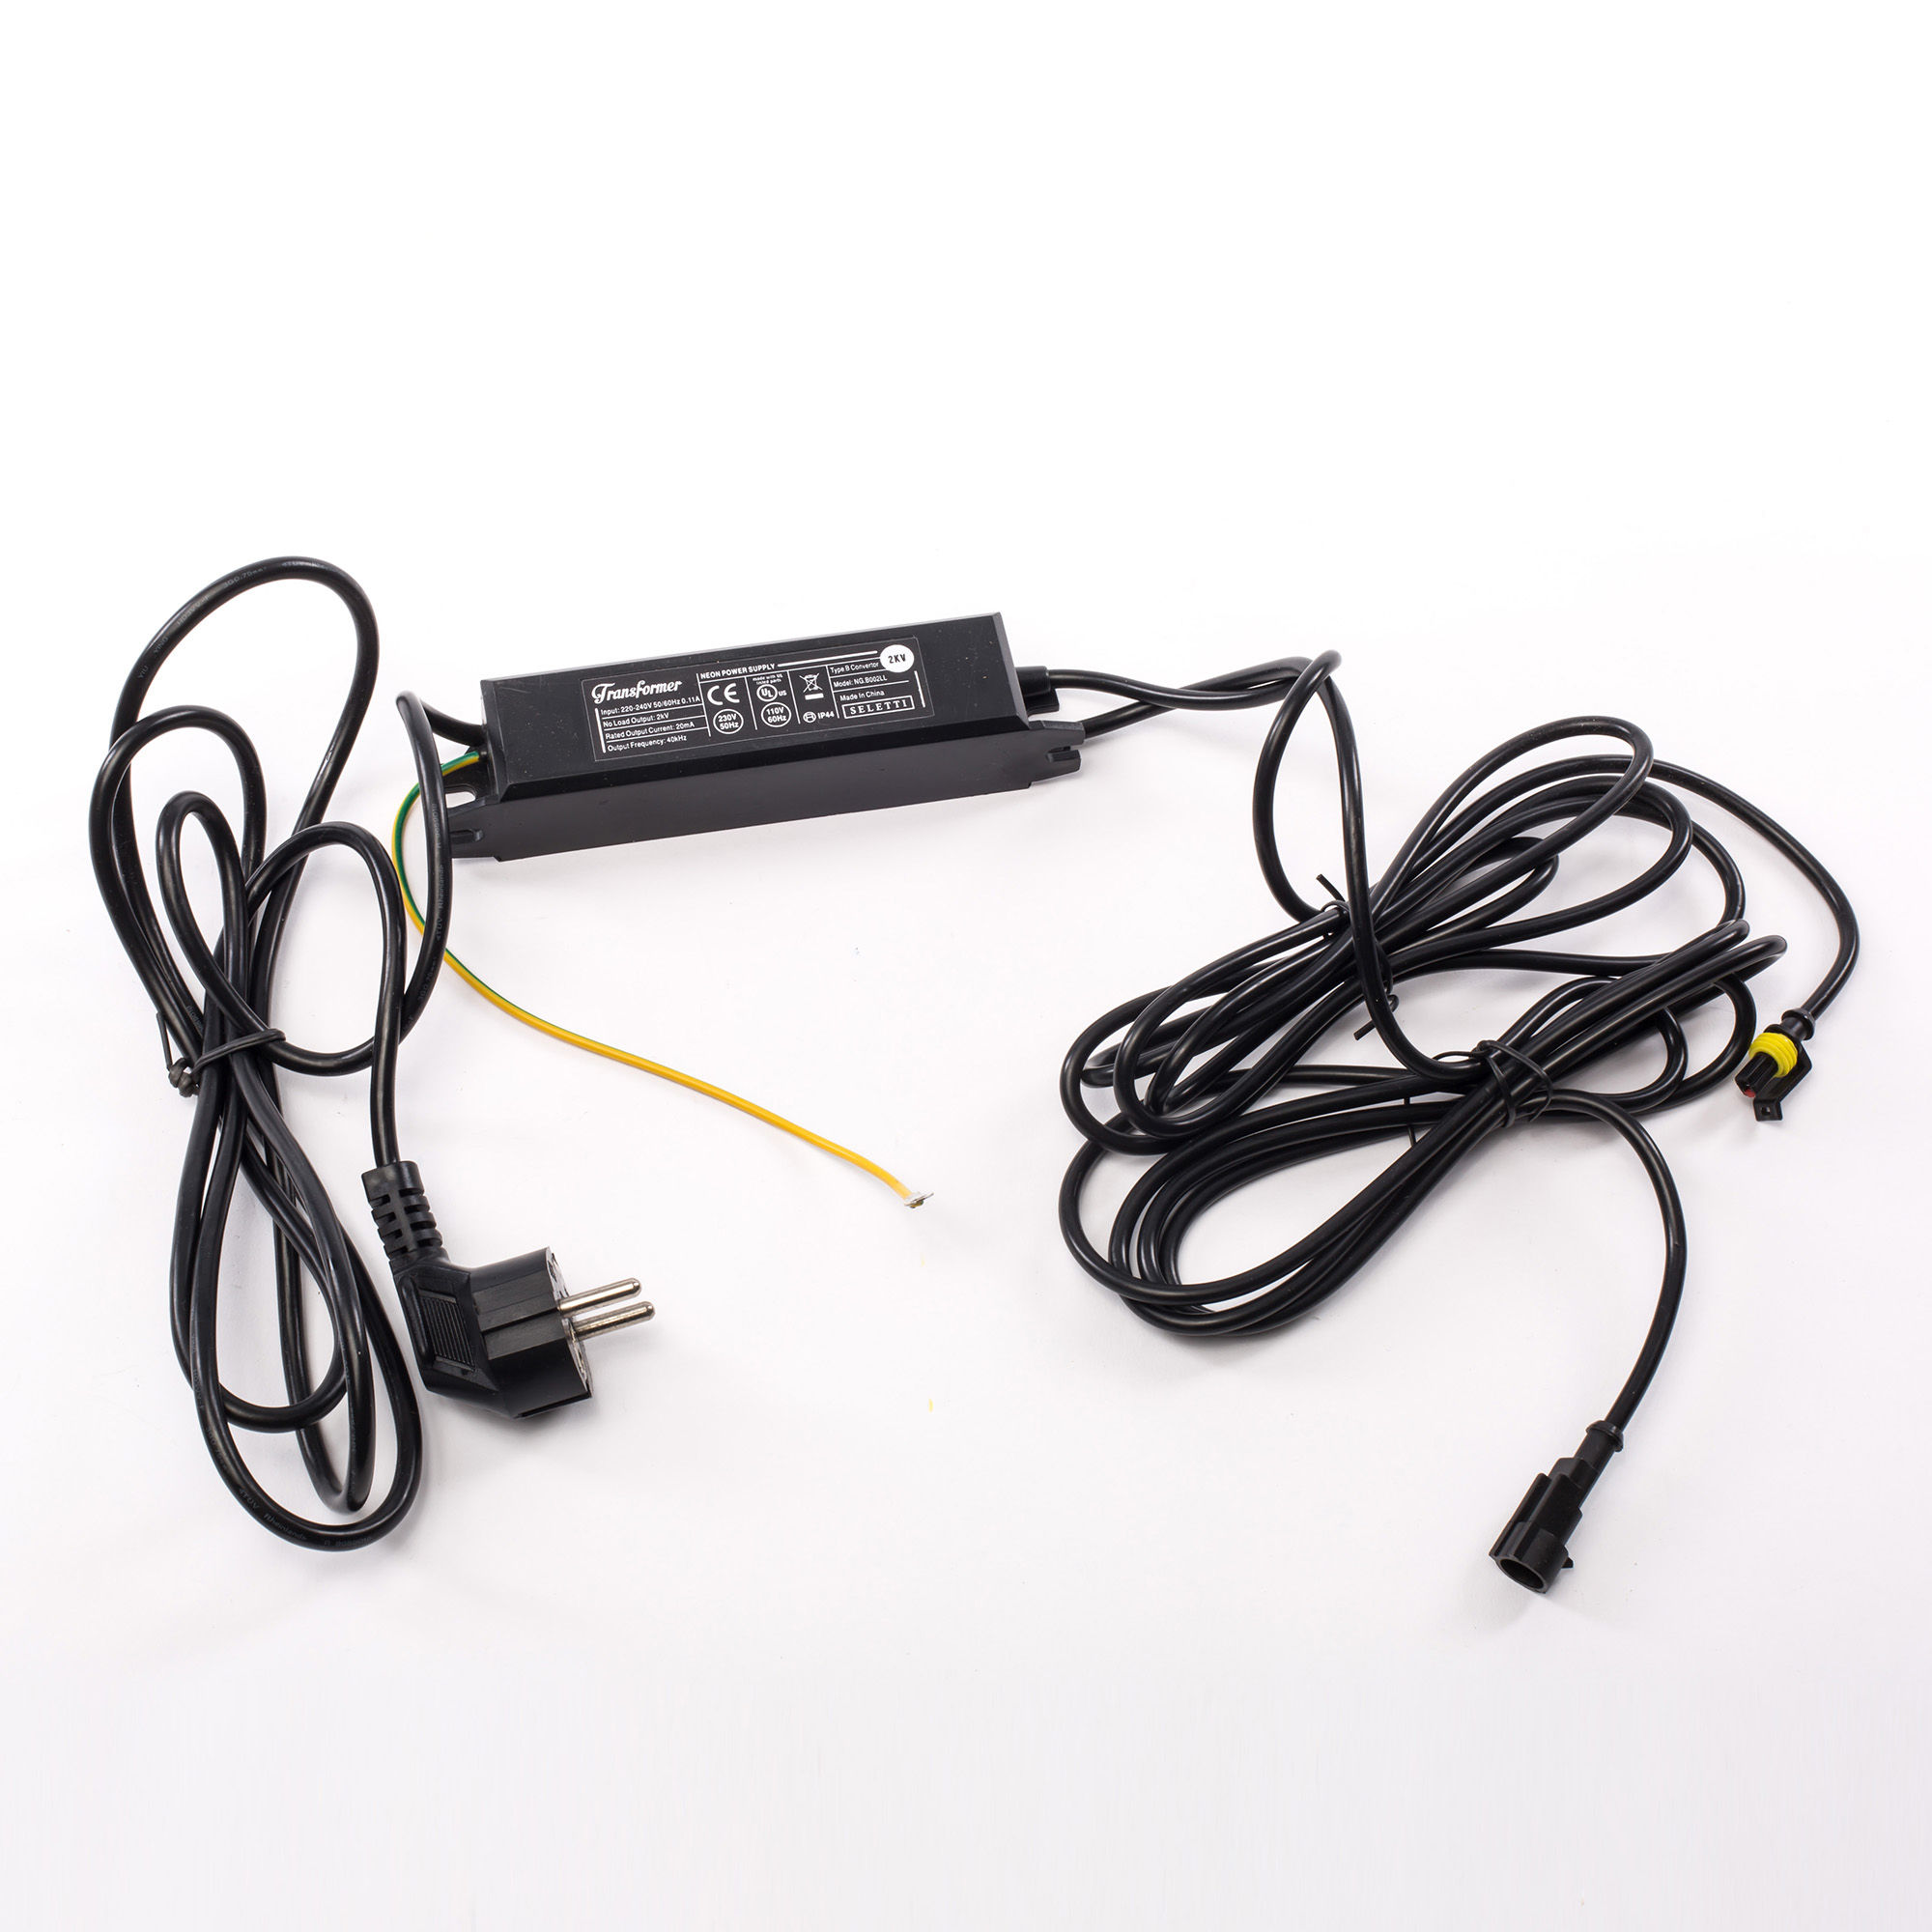 Lighting - Table Lamps - Adapter - For 1 Alphacrete or Alphafont letter by Seletti - 2 kV / Black - Plastic